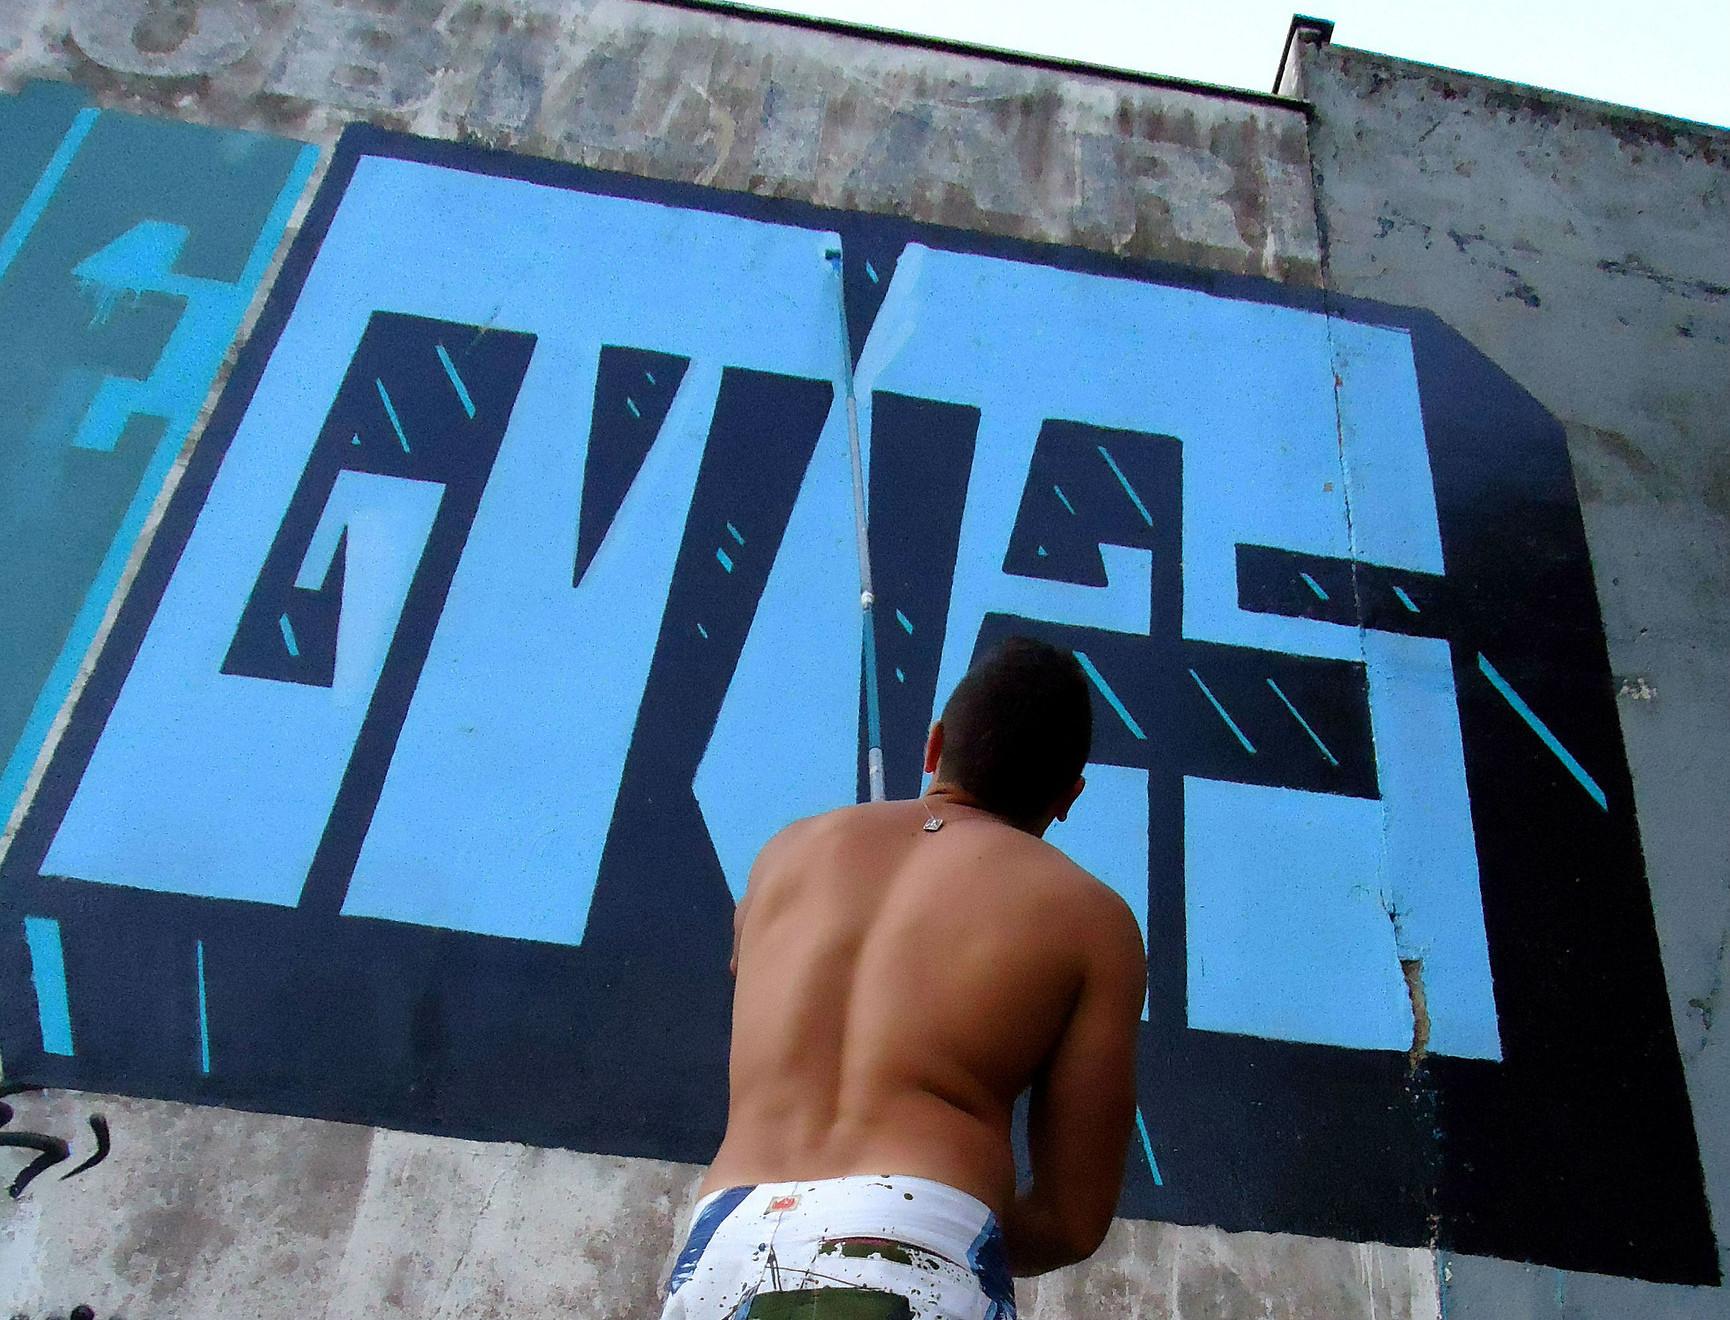 gomes-tws-os-meia-de-la-graffiti-sp-9